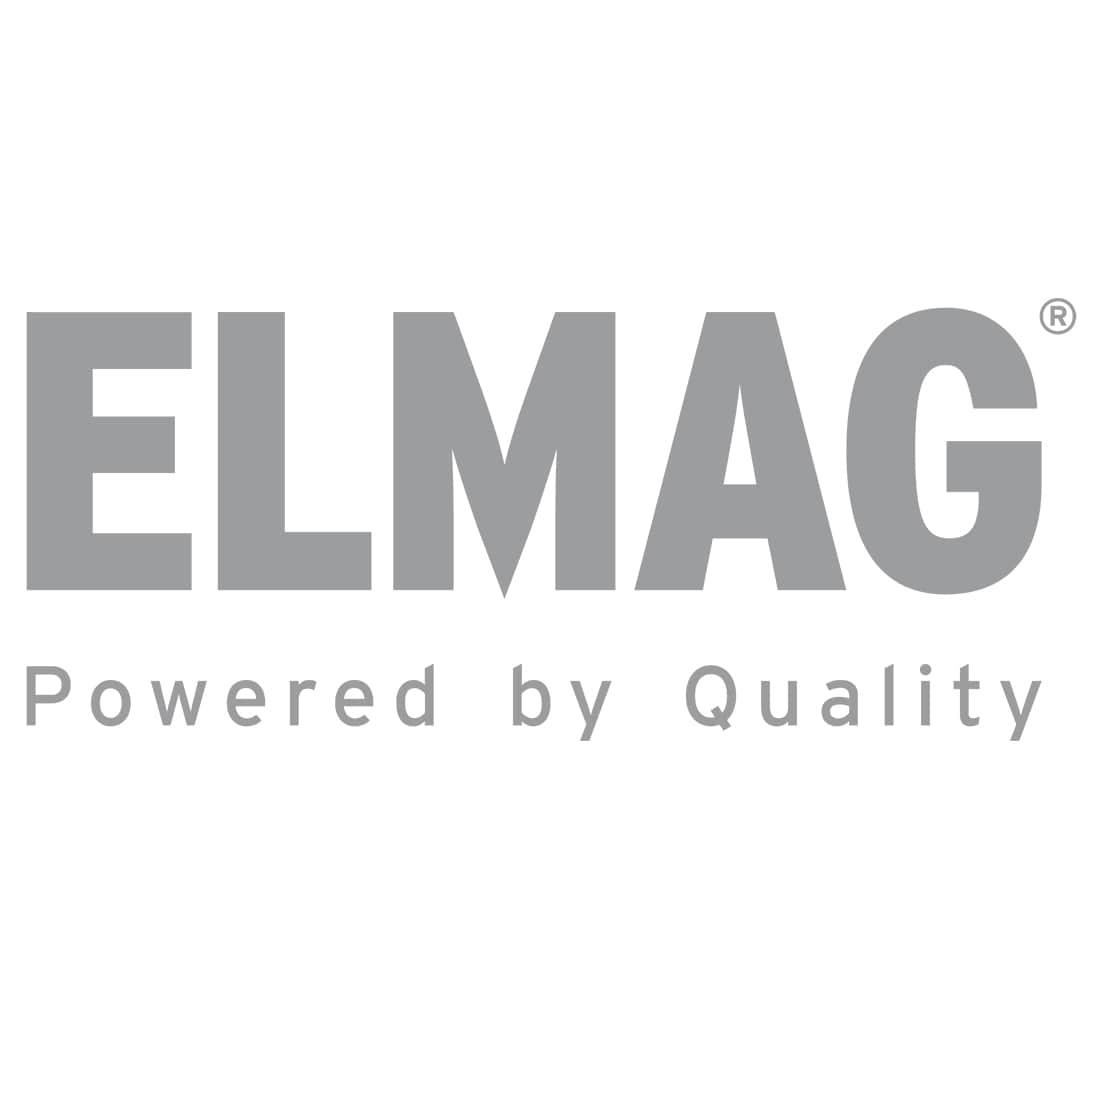 CA tool package